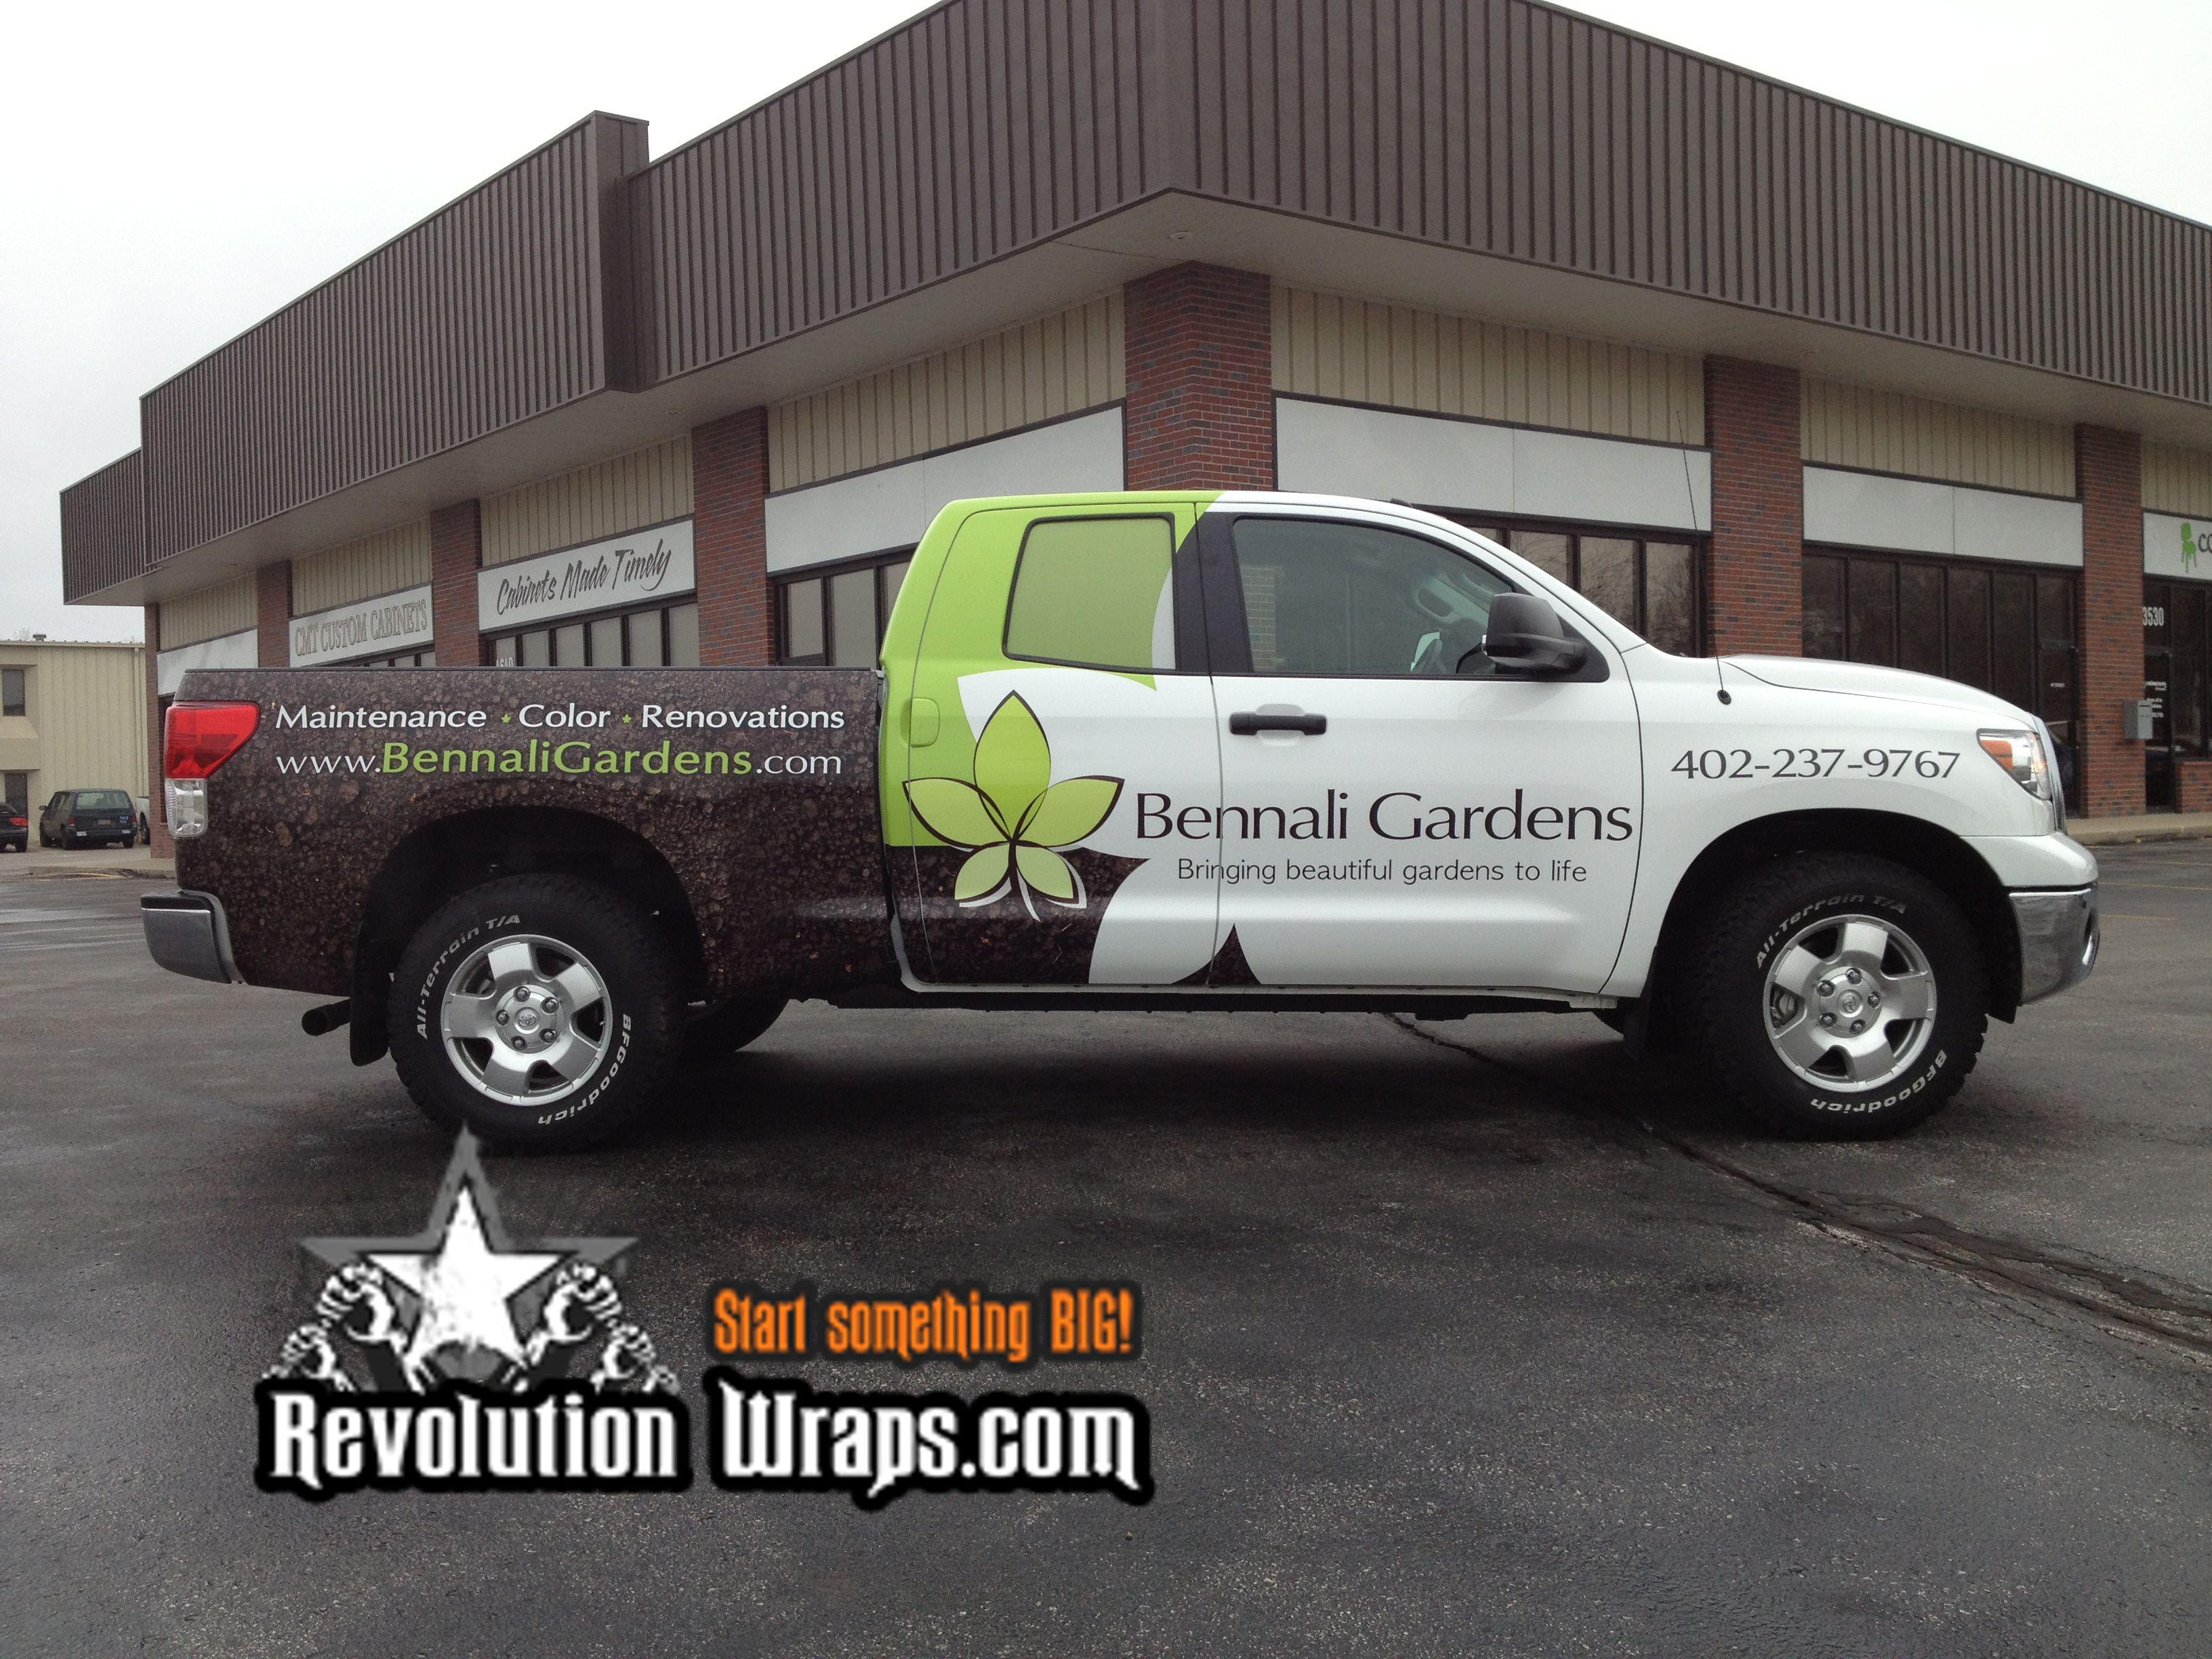 Vehicle Wraps Revolution Wraps Car Wrap Vehicle Signage Truck Wraps Graphics